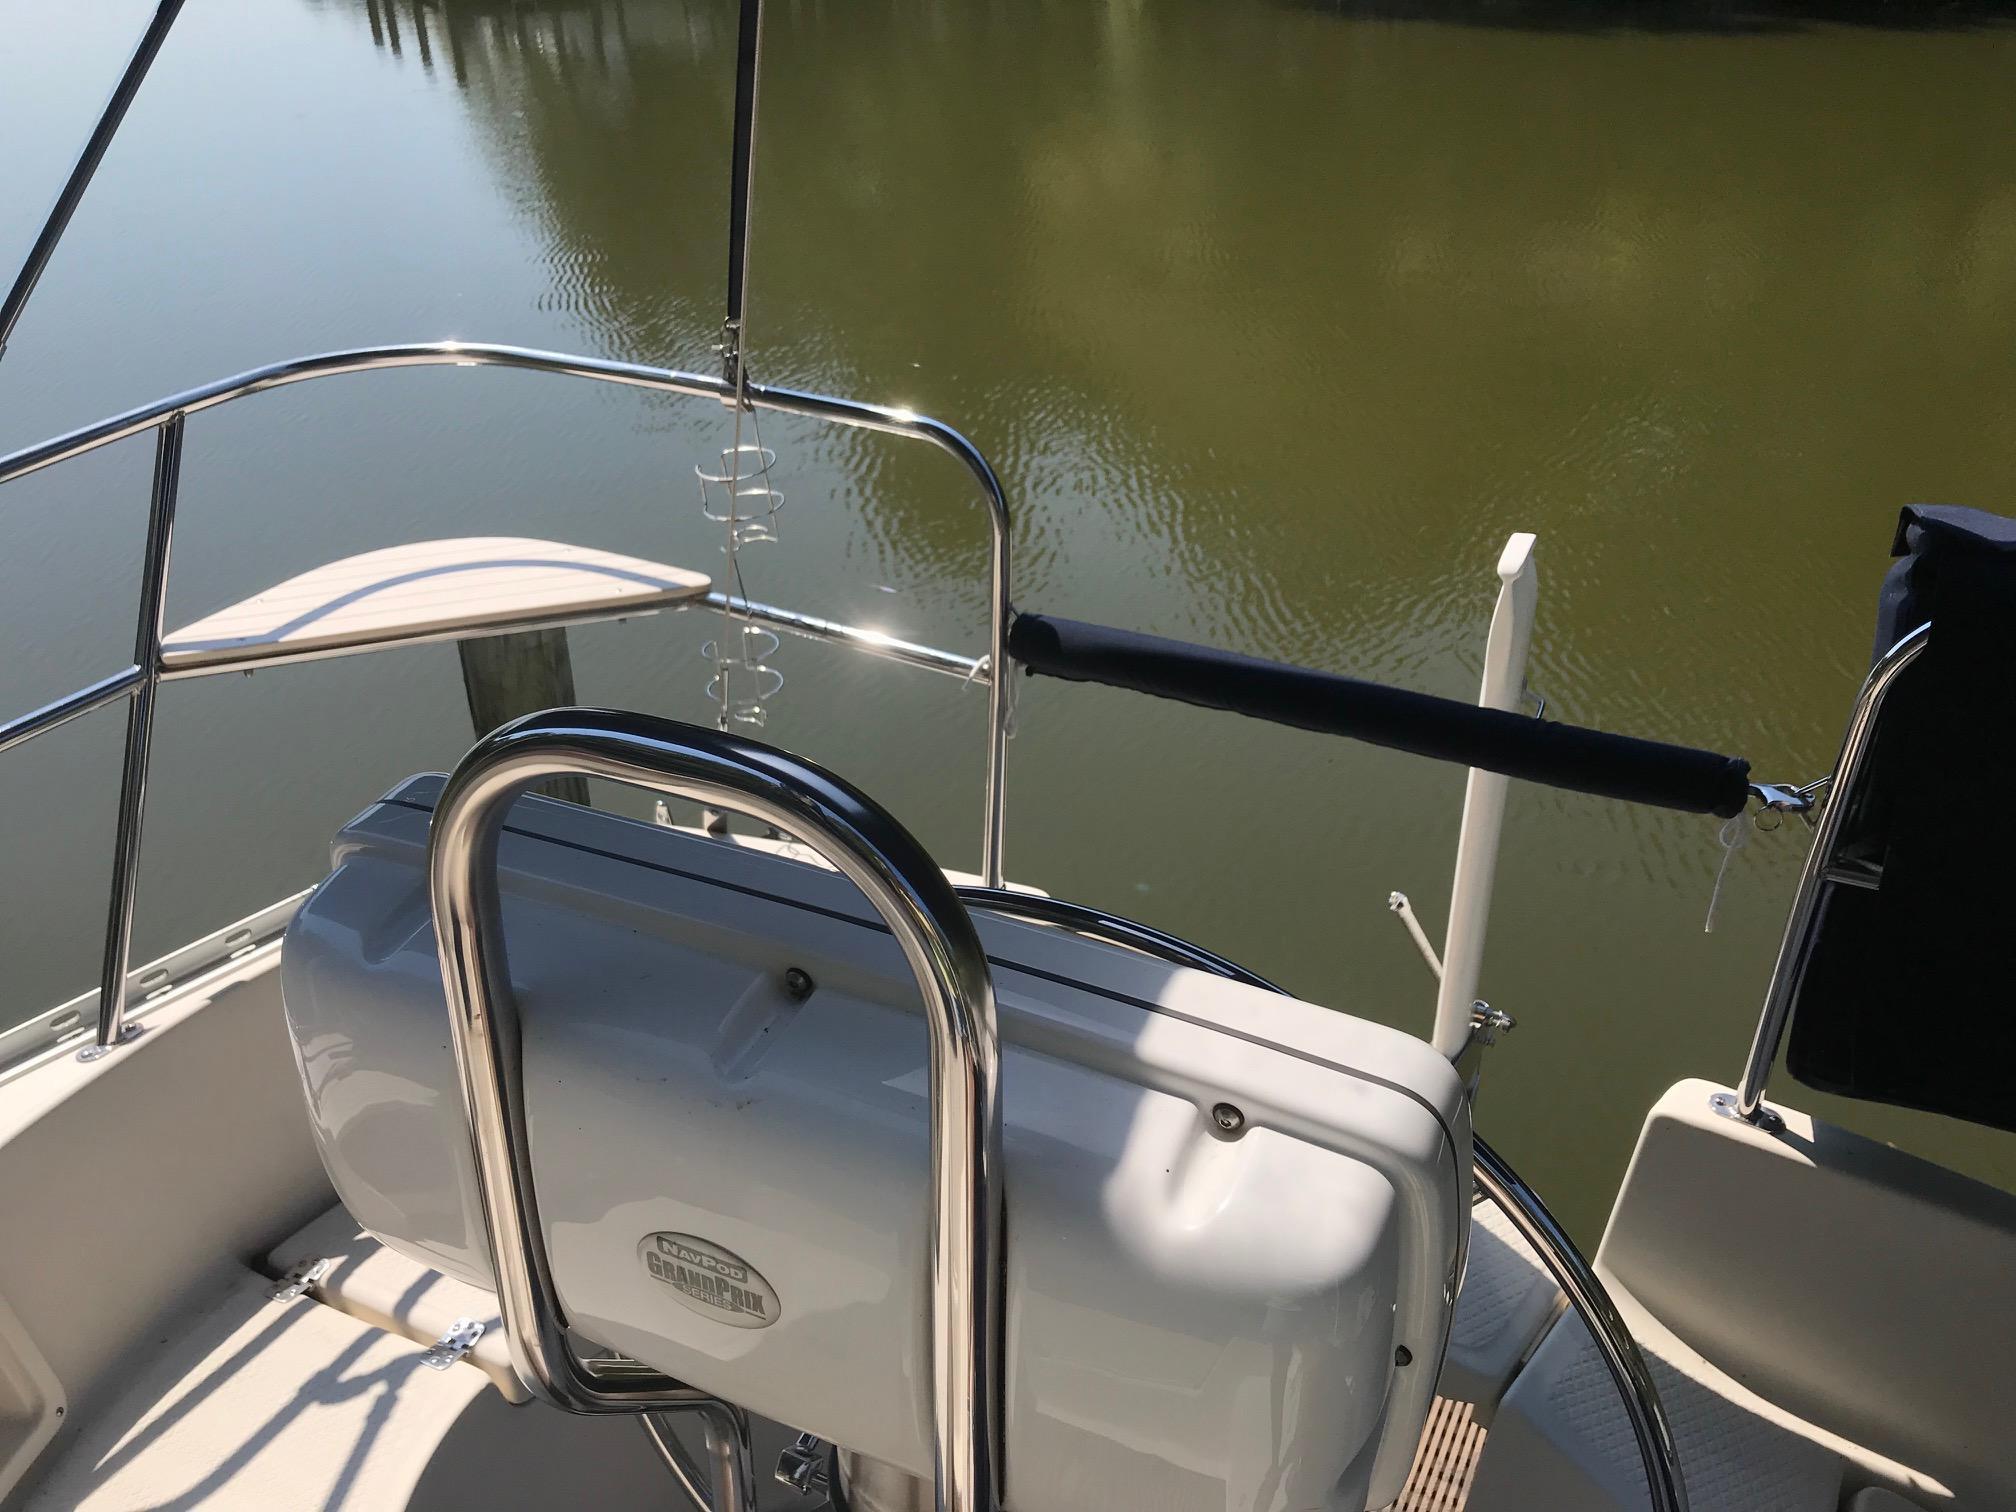 Catbird seat and navigation pod